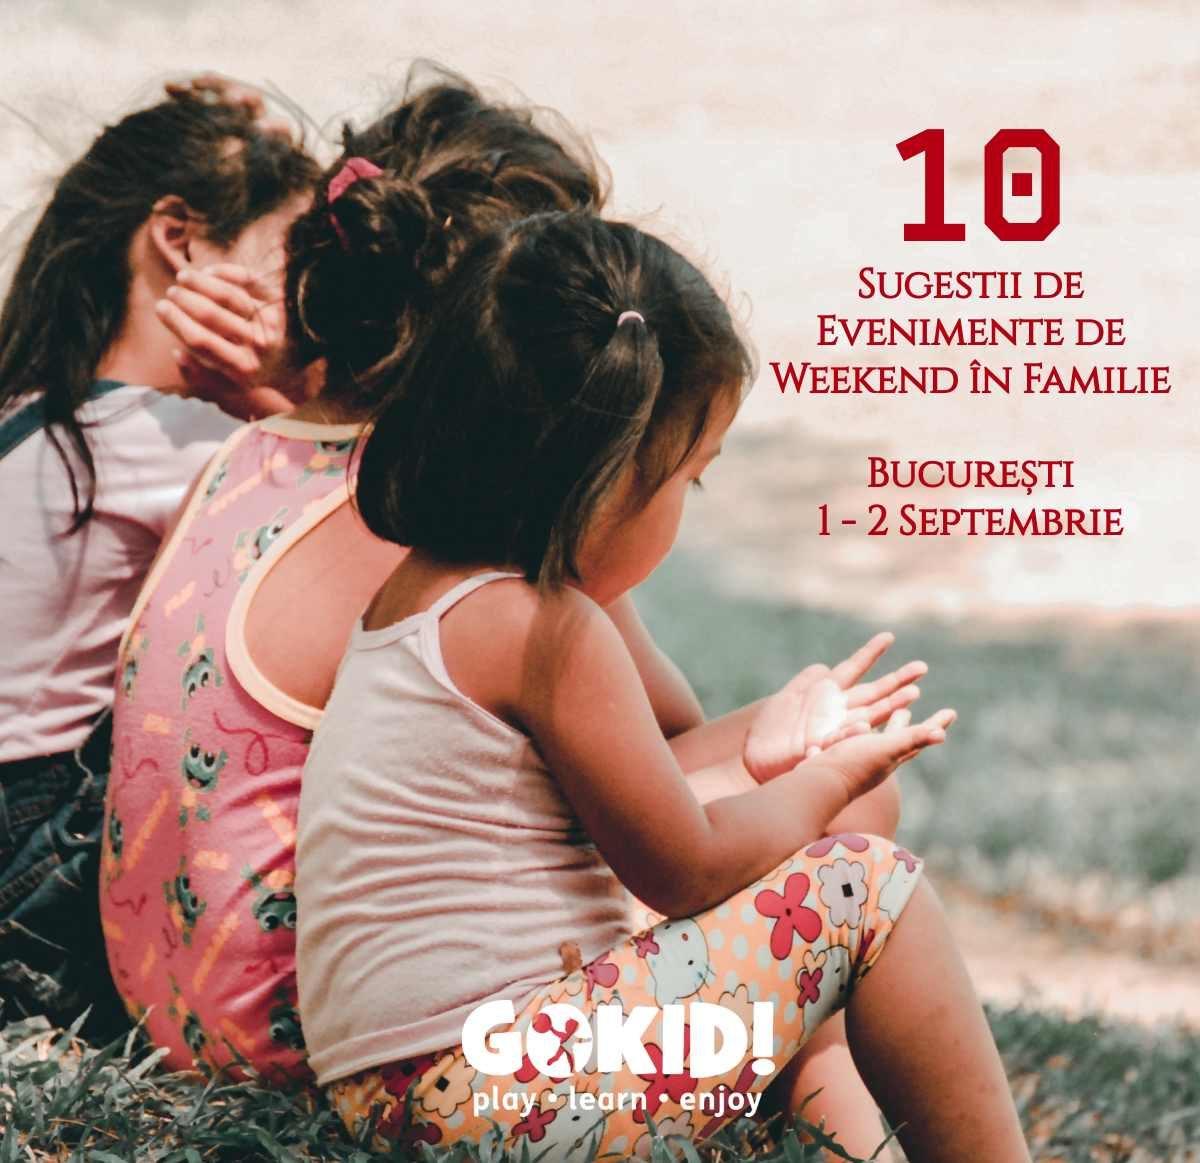 10 Sugestii de Evenimente de Weekend in Familie   Bucuresti, 1-2 Septembrie